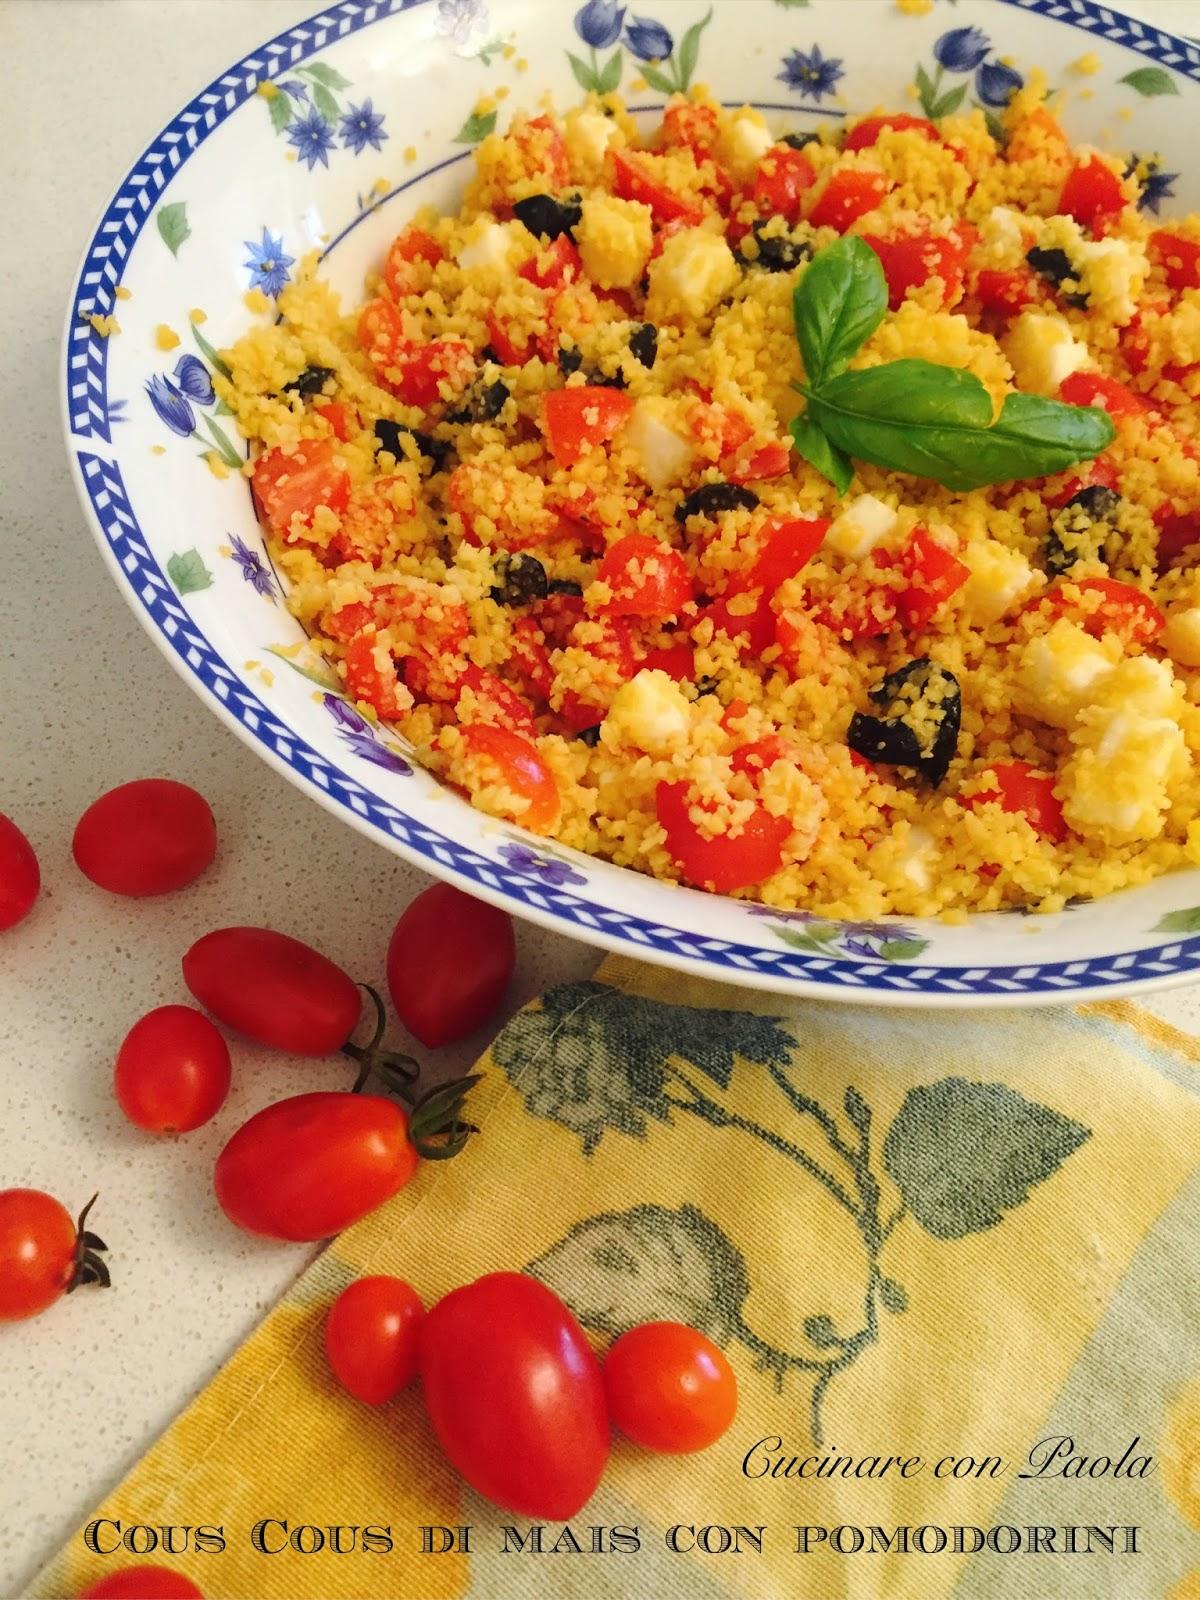 Cucinare con paola cous cous con pomodorini e olive nere - Cucinare olive appena raccolte ...